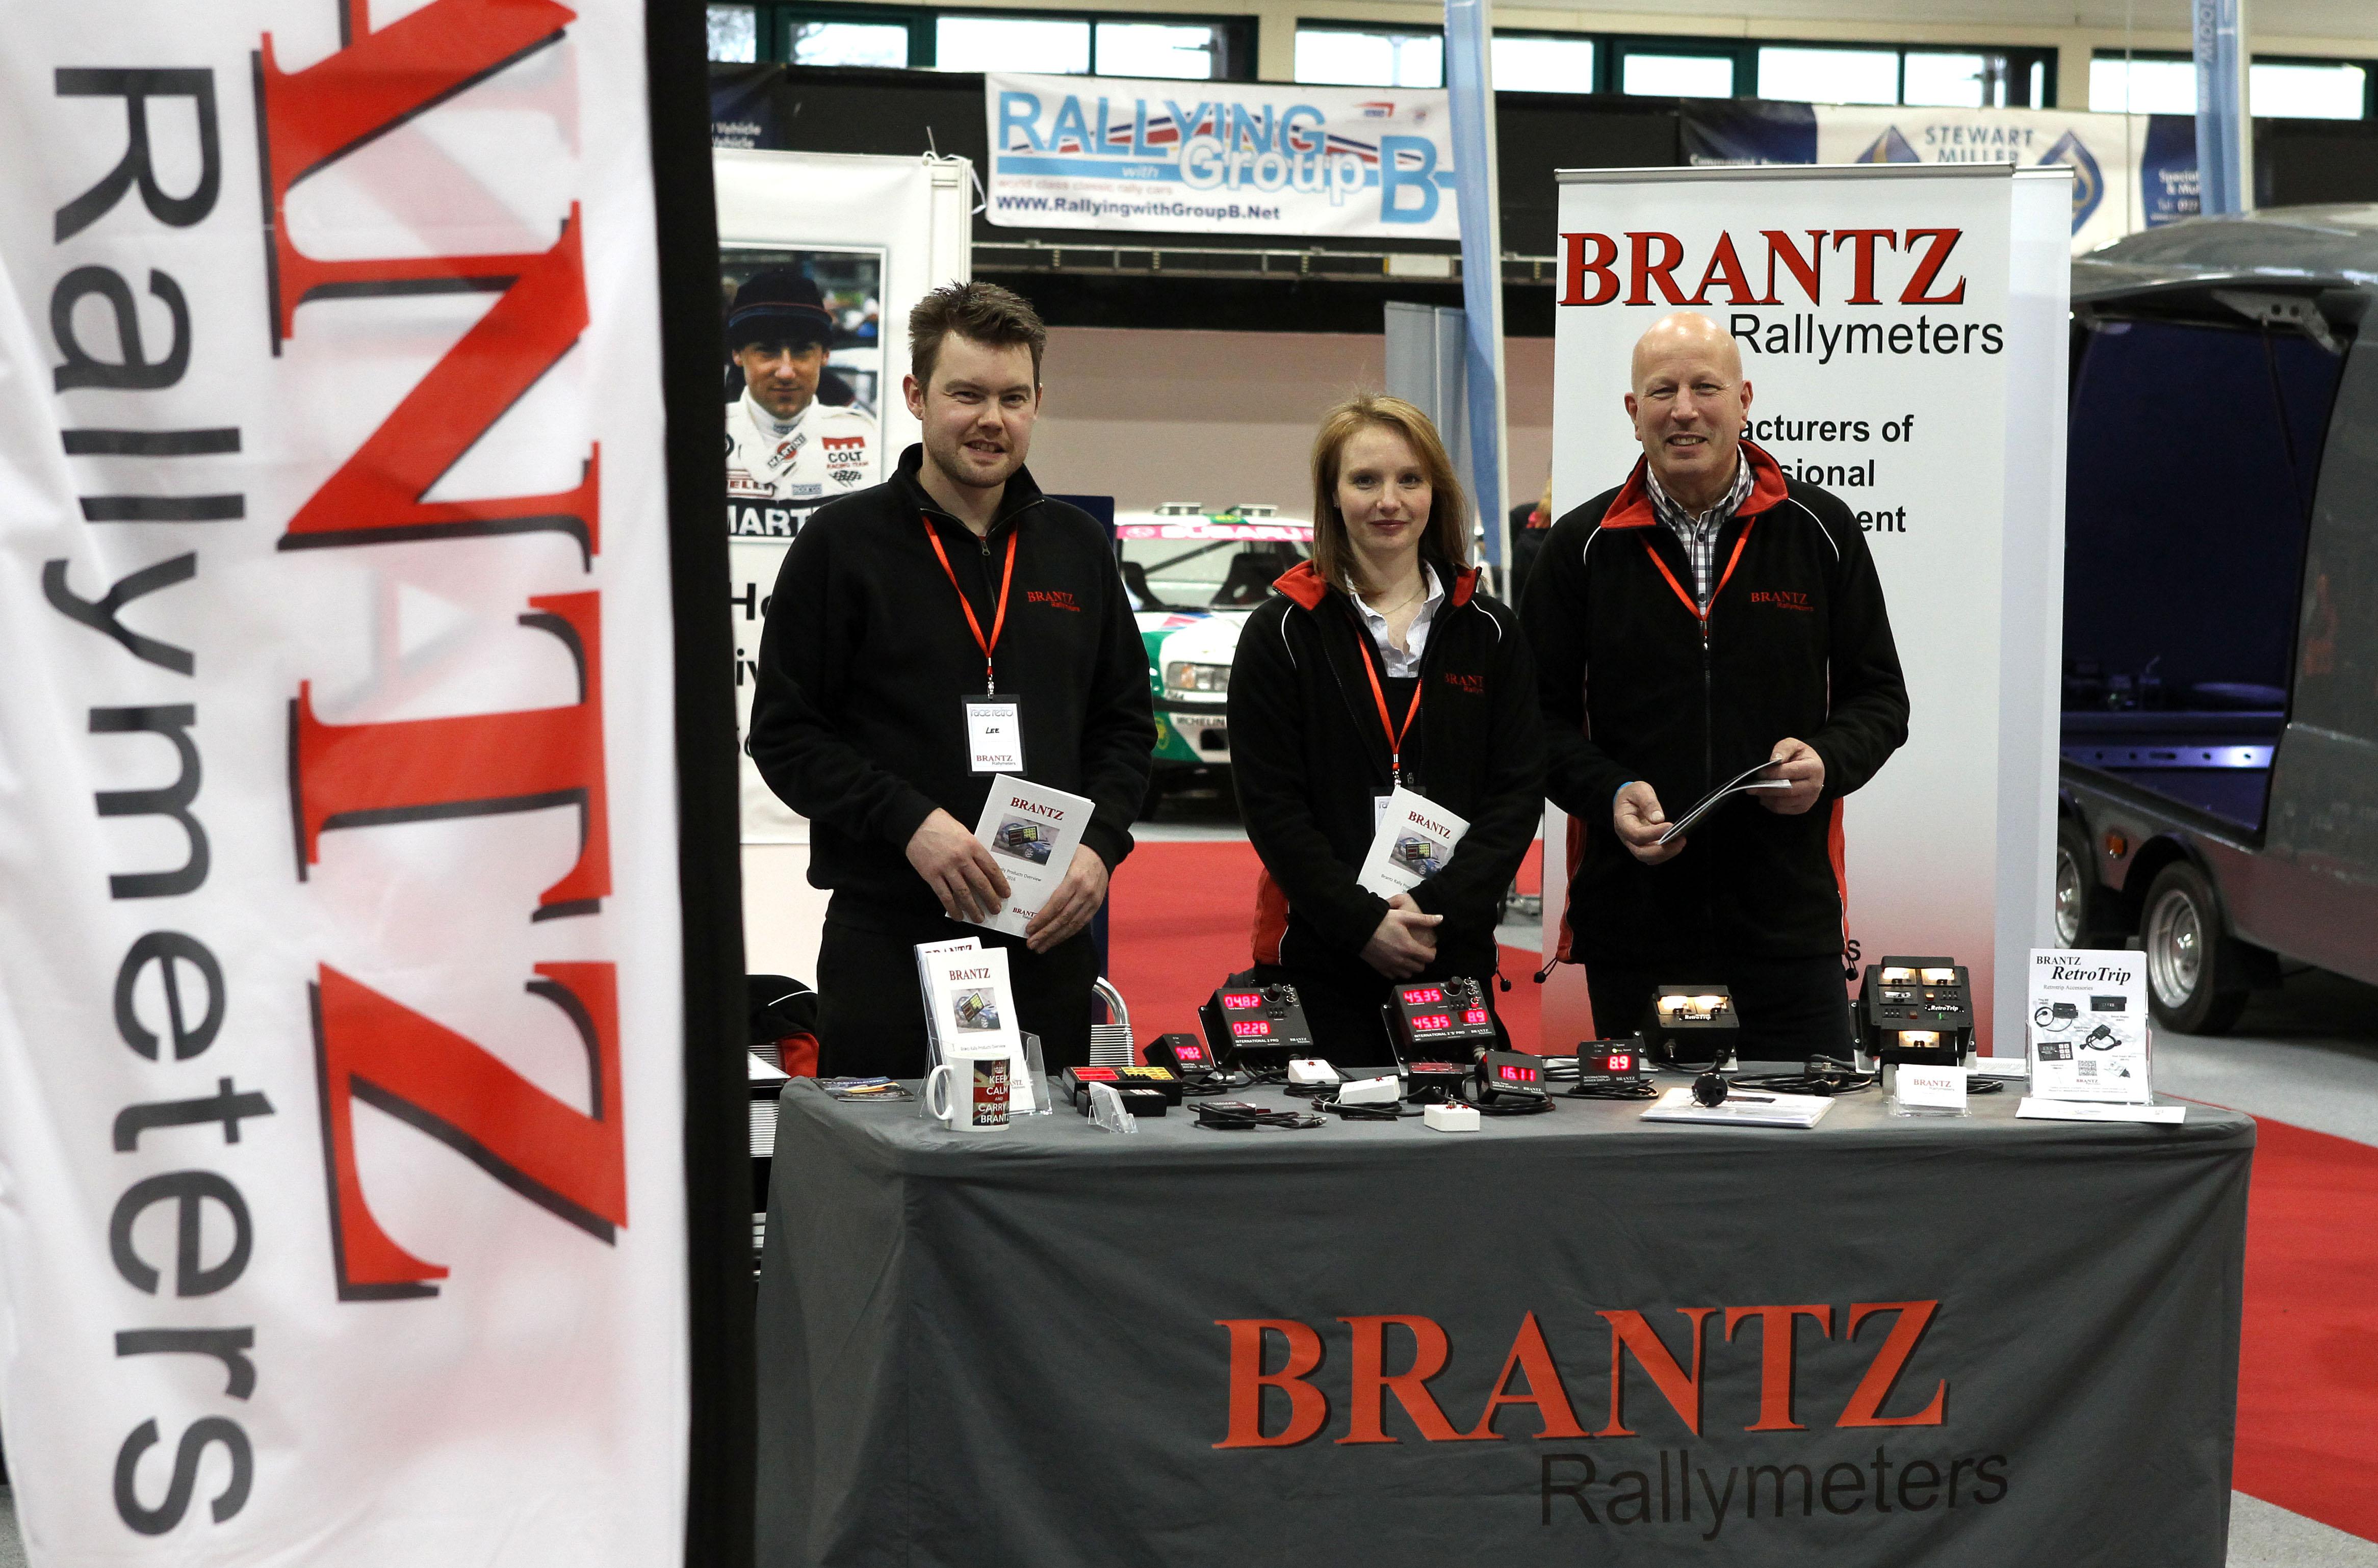 SHP_brantz_raceretro_260216_017